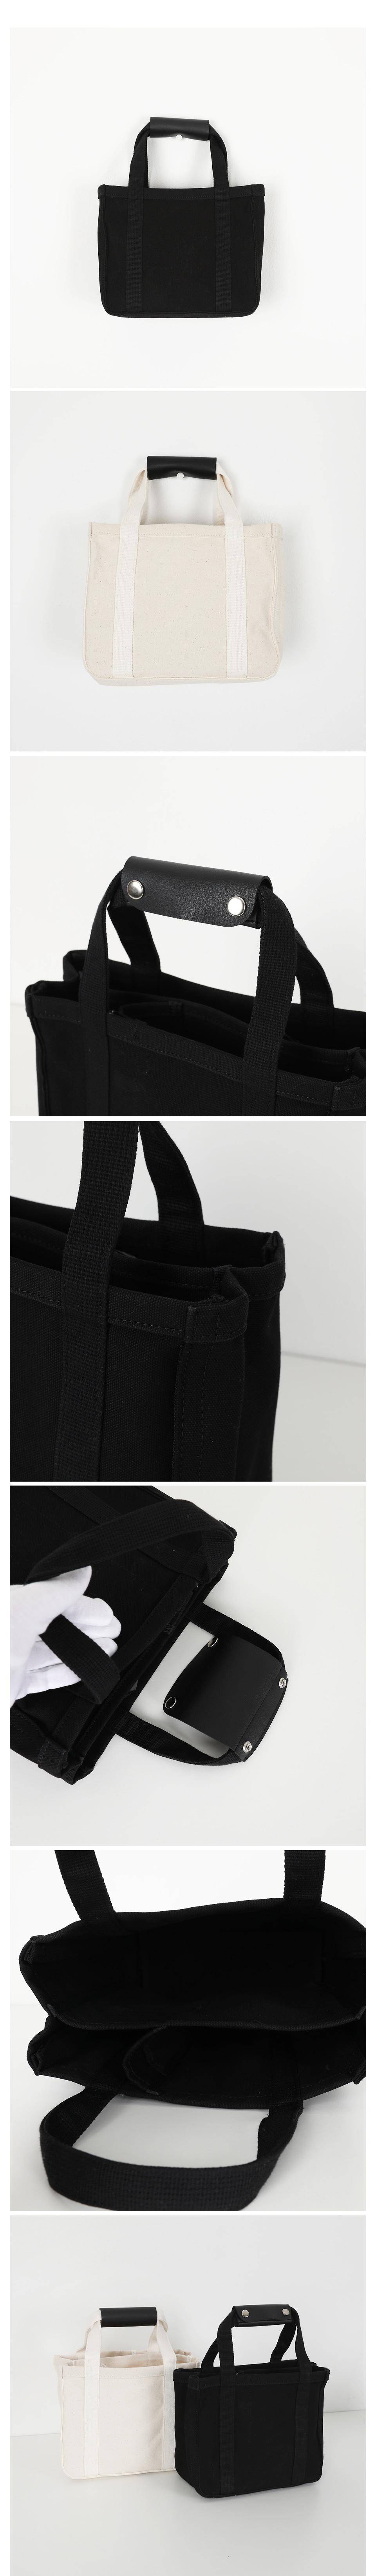 Tumbler Eco Mini Bag